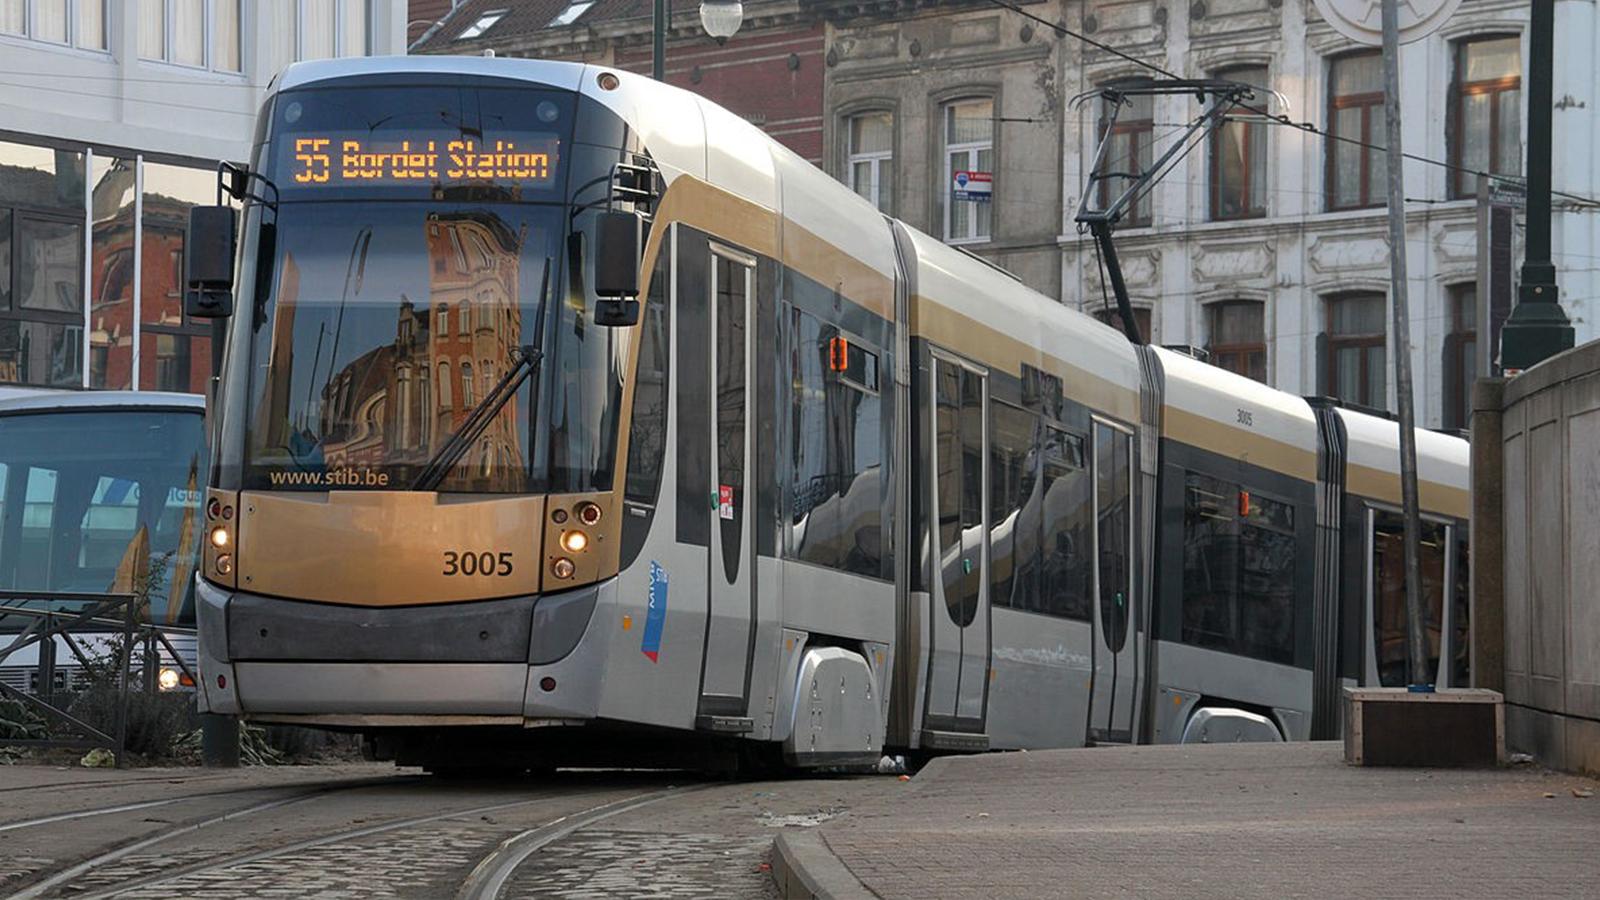 Tranvía de Bruselas